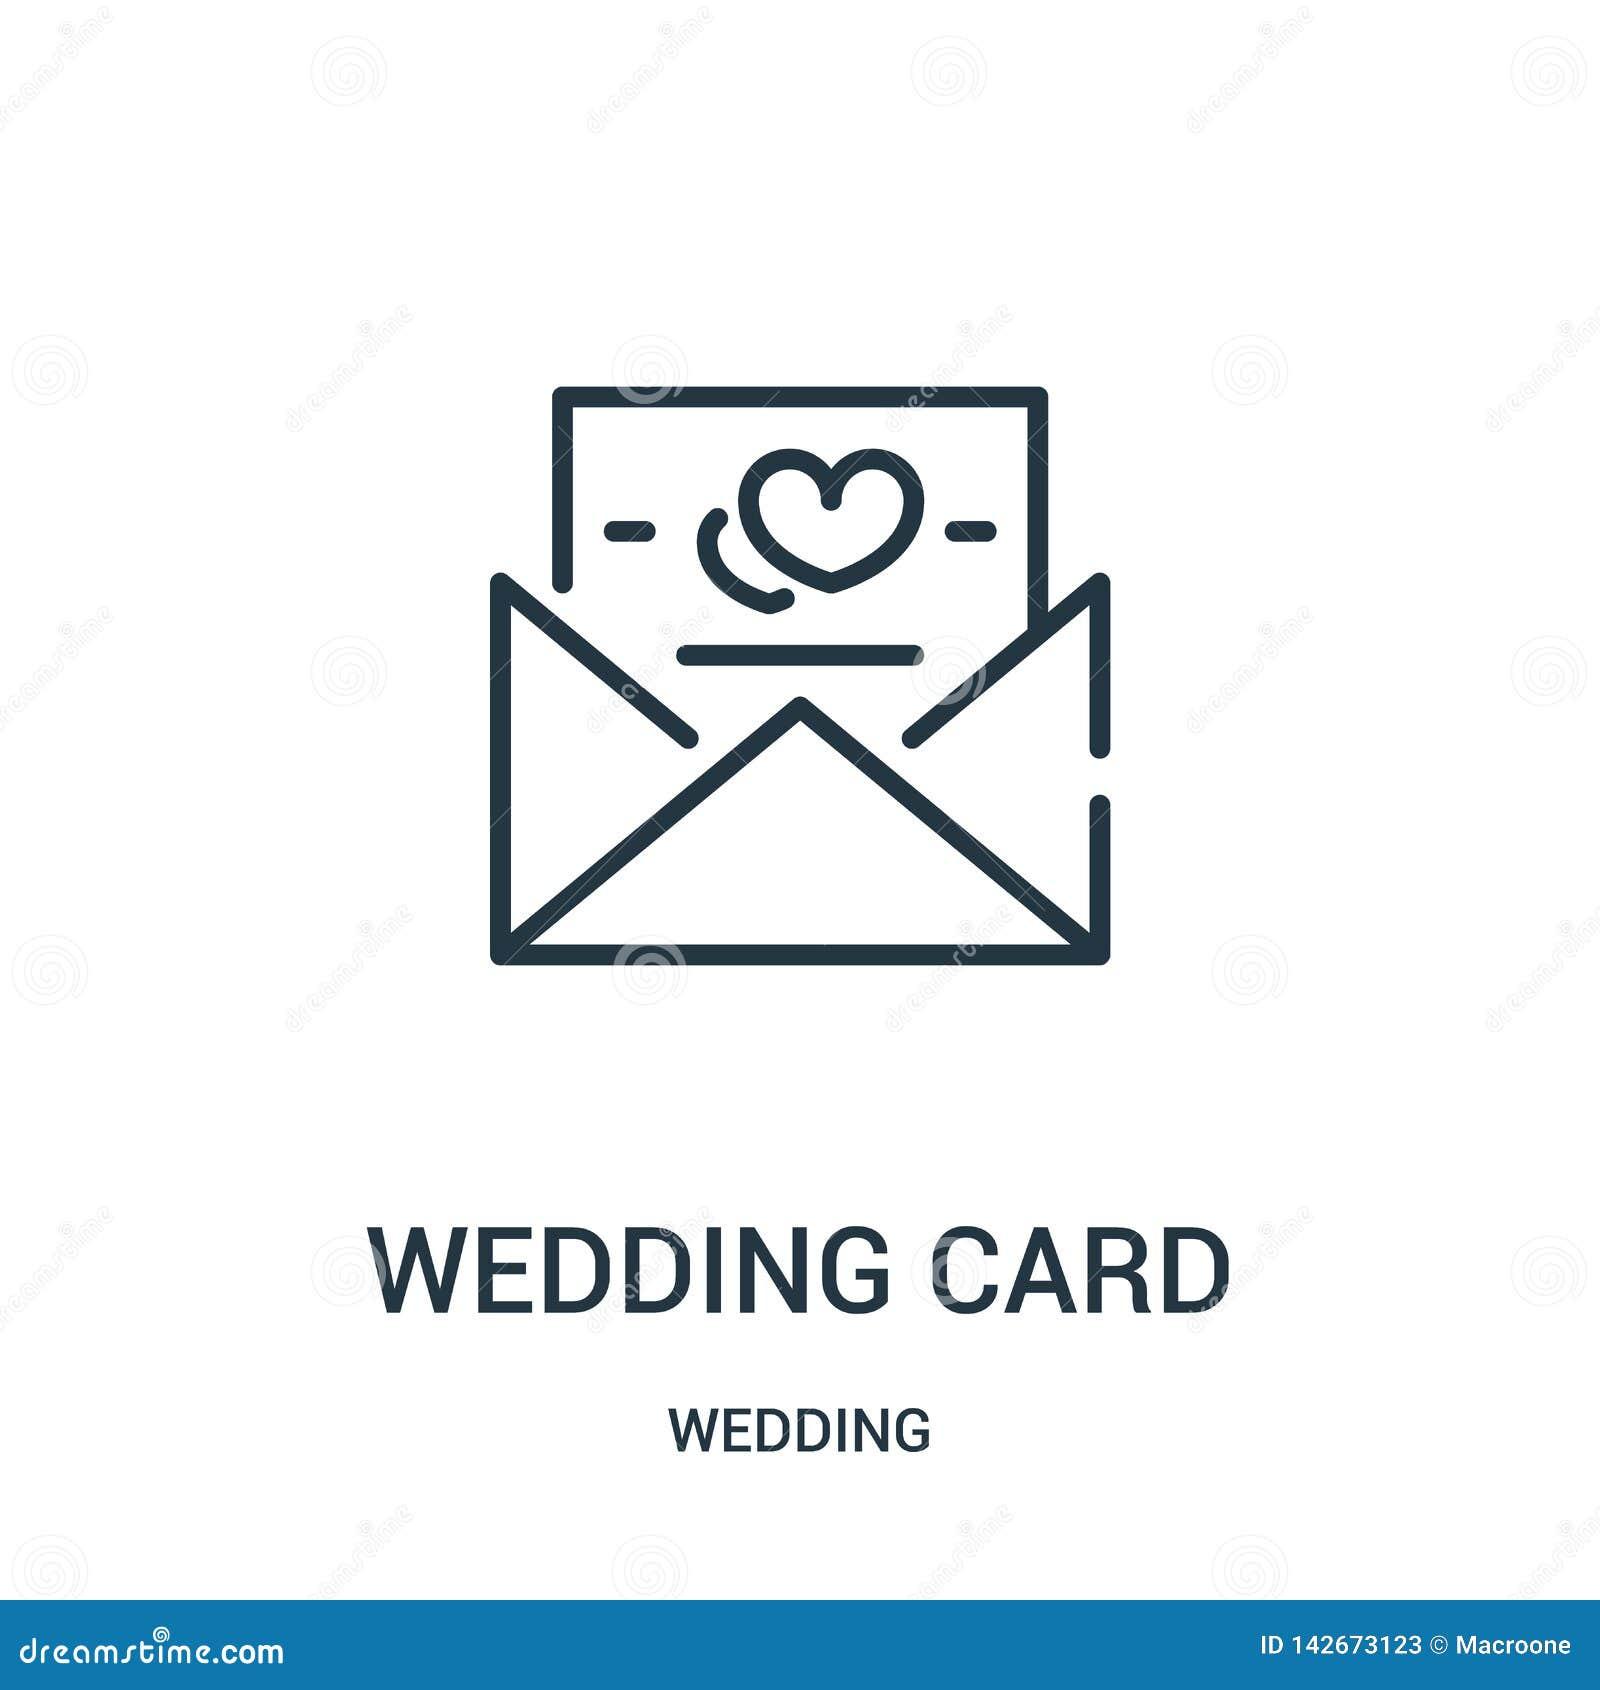 вектор значка карты свадьбы от собрания свадьбы Тонкая линия иллюстрация вектора значка плана карты свадьбы Линейный символ для п